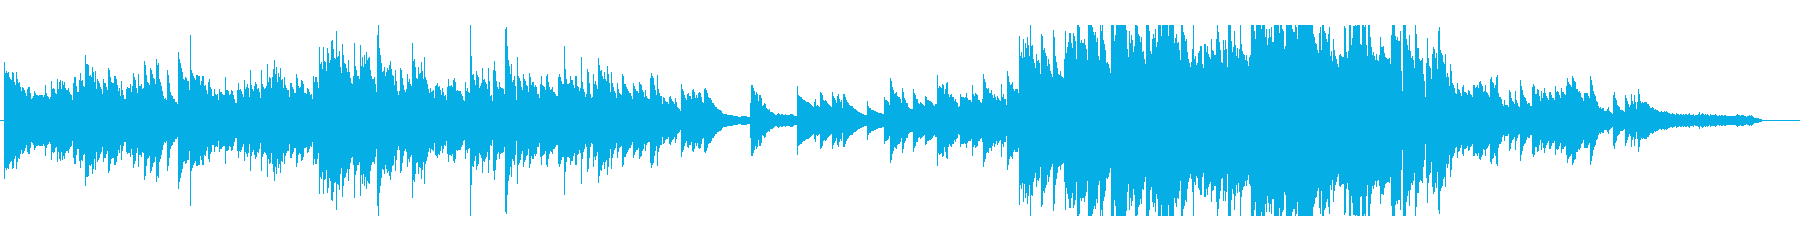 BGM バラード(piano)の再生済みの波形